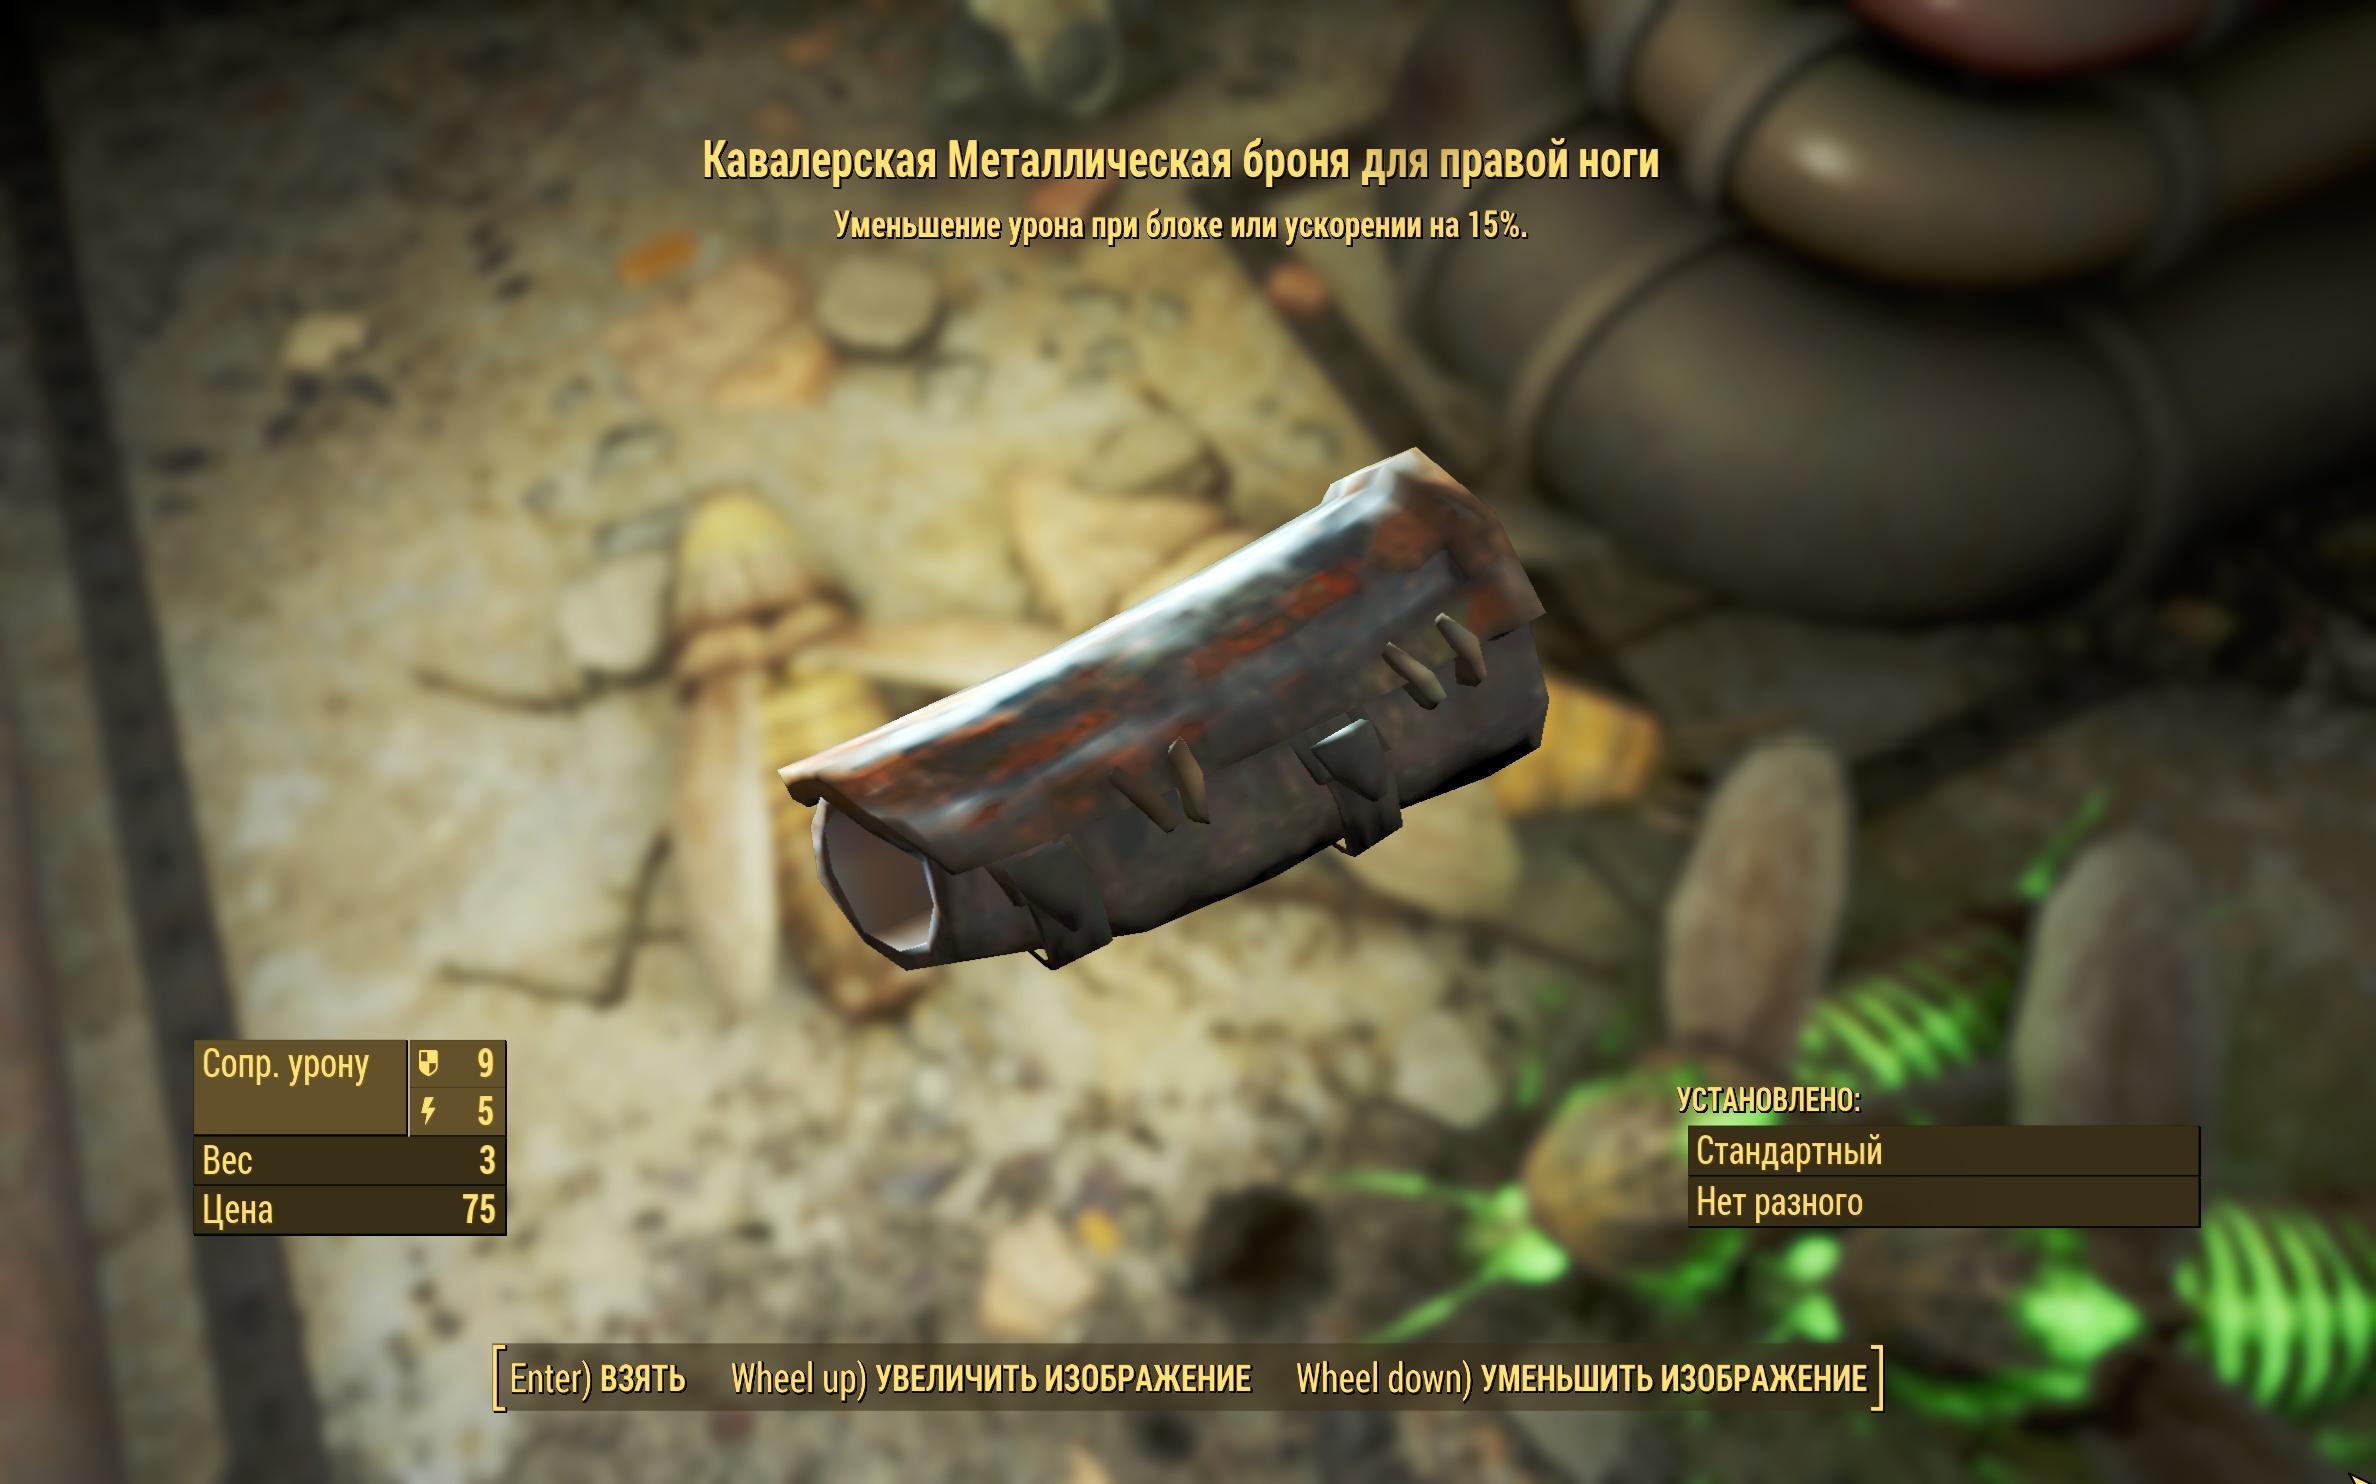 Кавалерская металлическая броня для правой ноги - Fallout 4 броня, Кавалерская, металлическая, Одежда